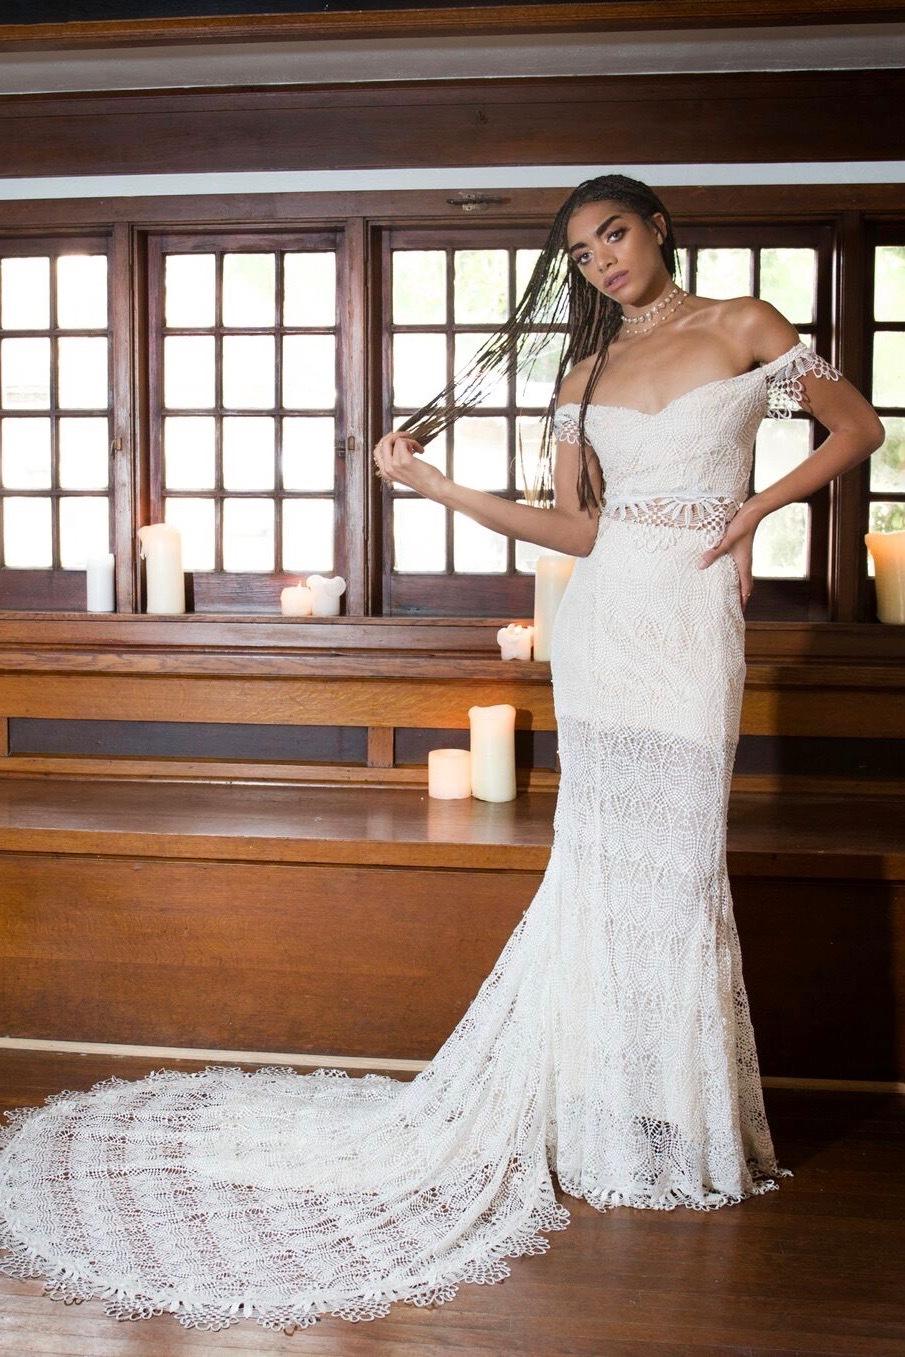 ophelia dress photo